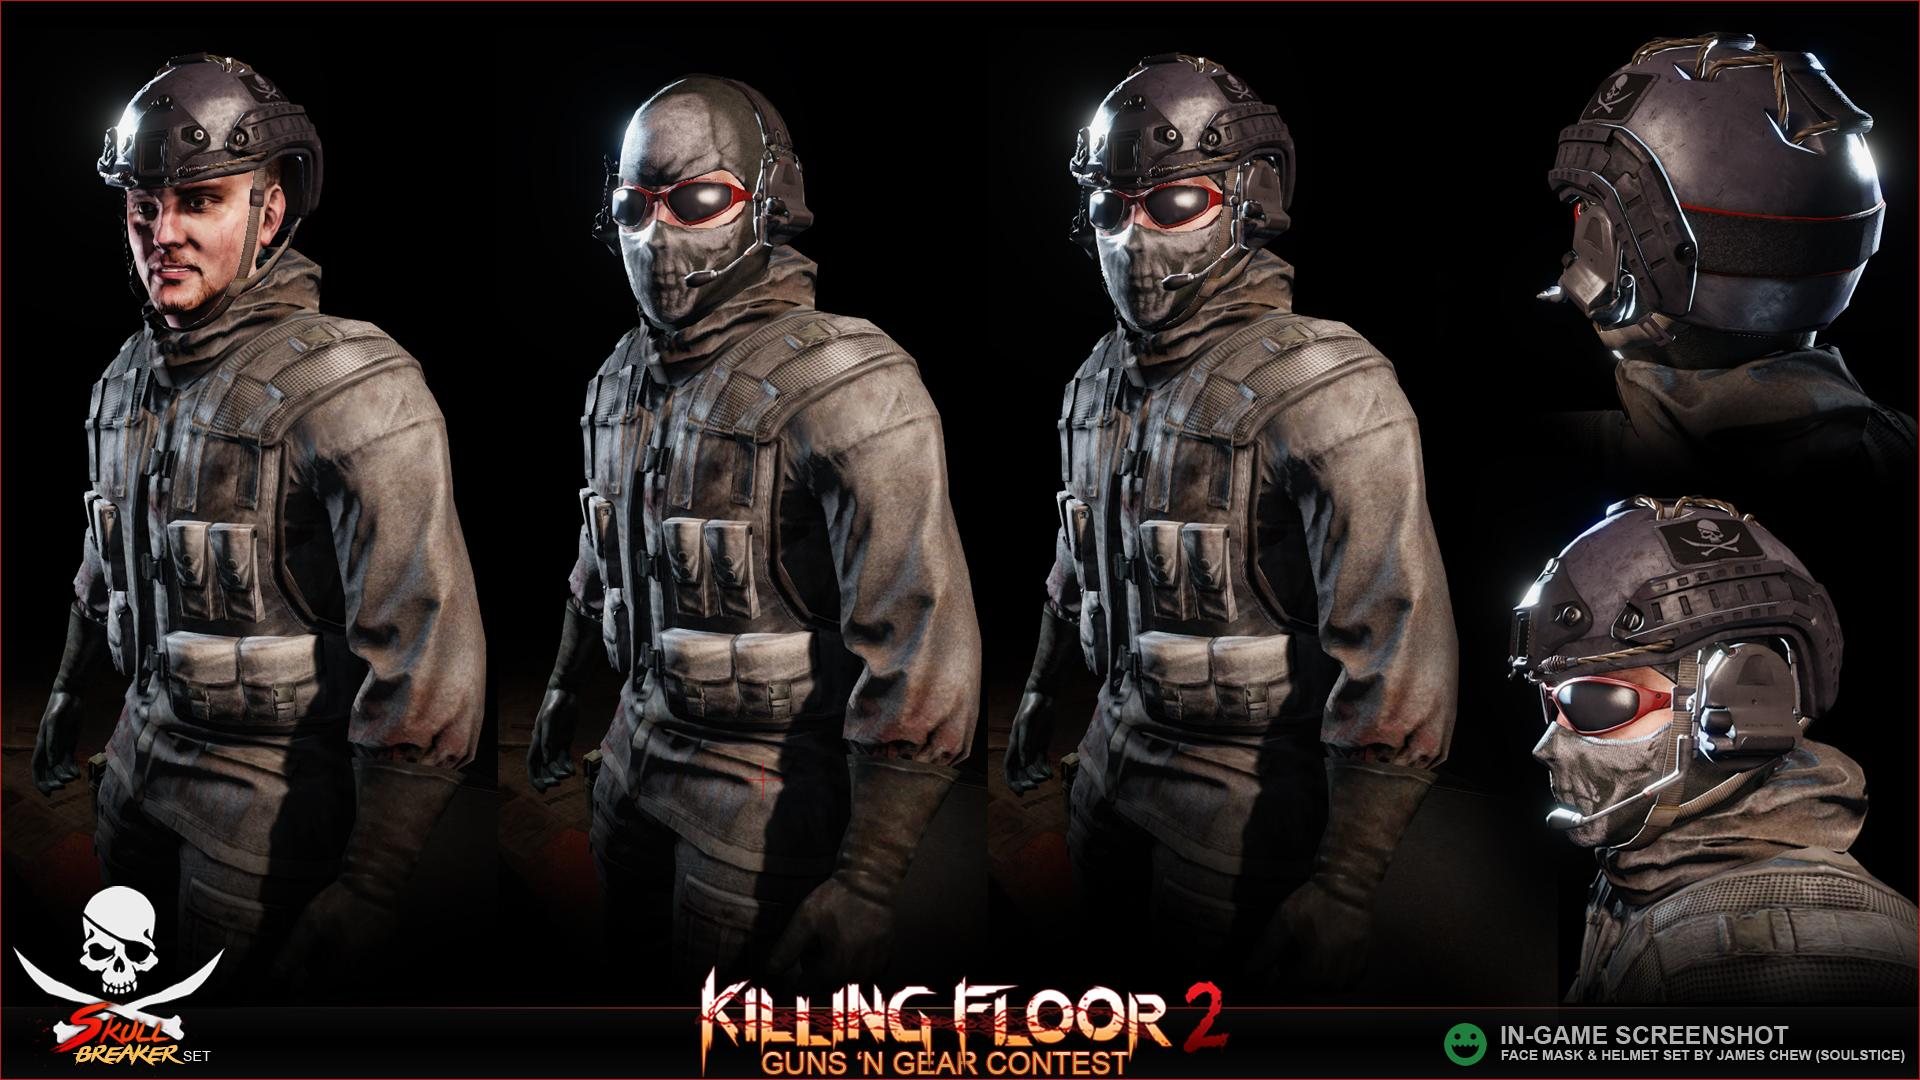 Kf2 Item Set Skull Breaker Helmet Amp Mask Polycount